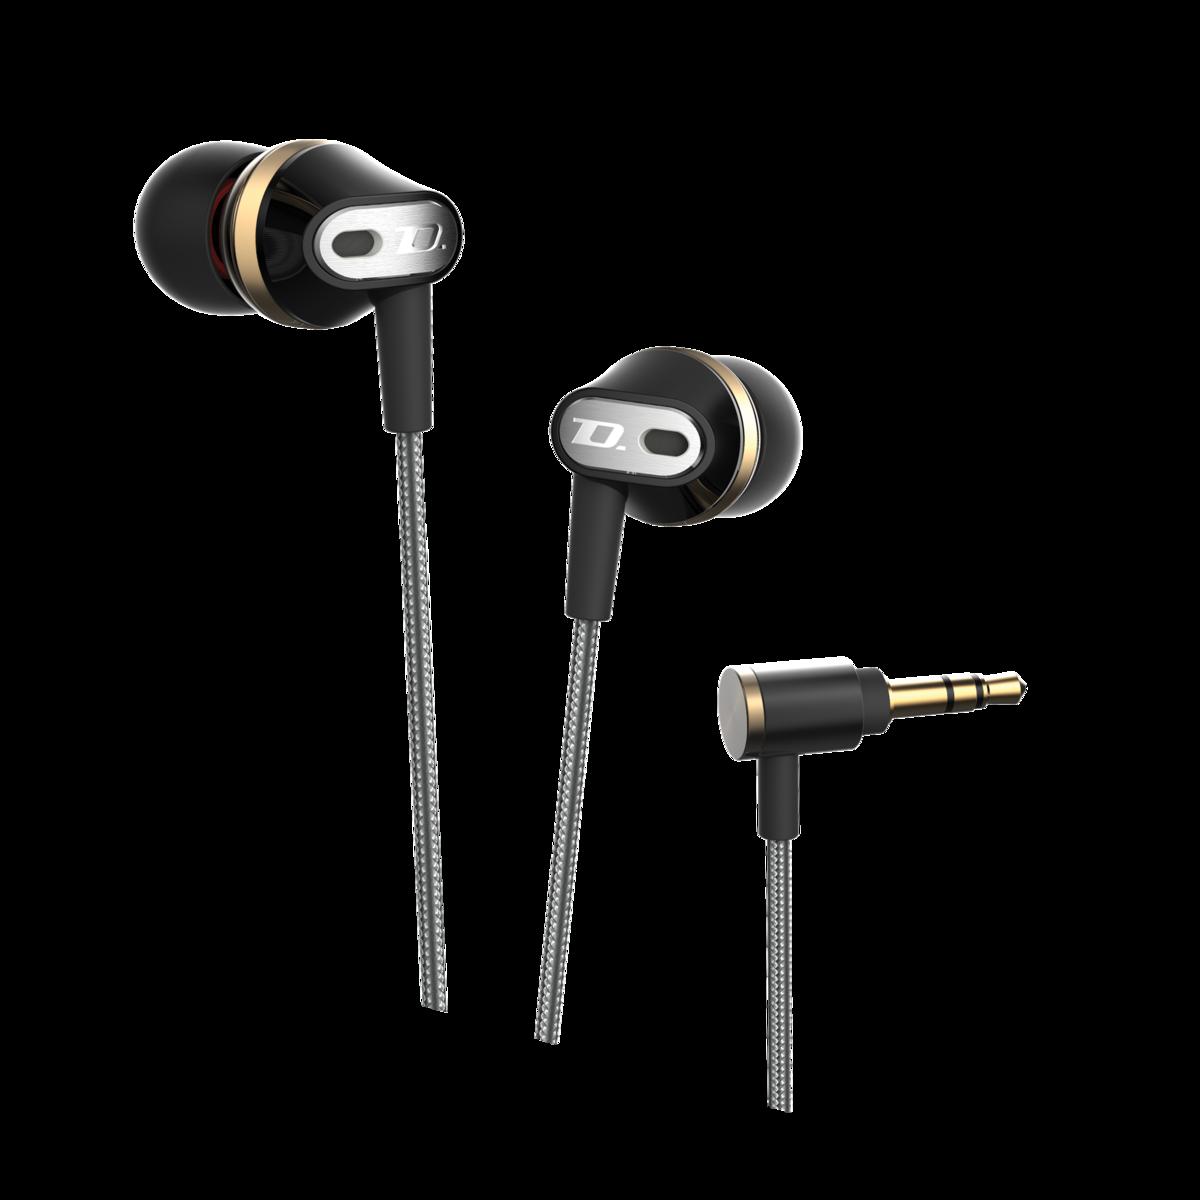 DM100 入耳式耳機, 黑色